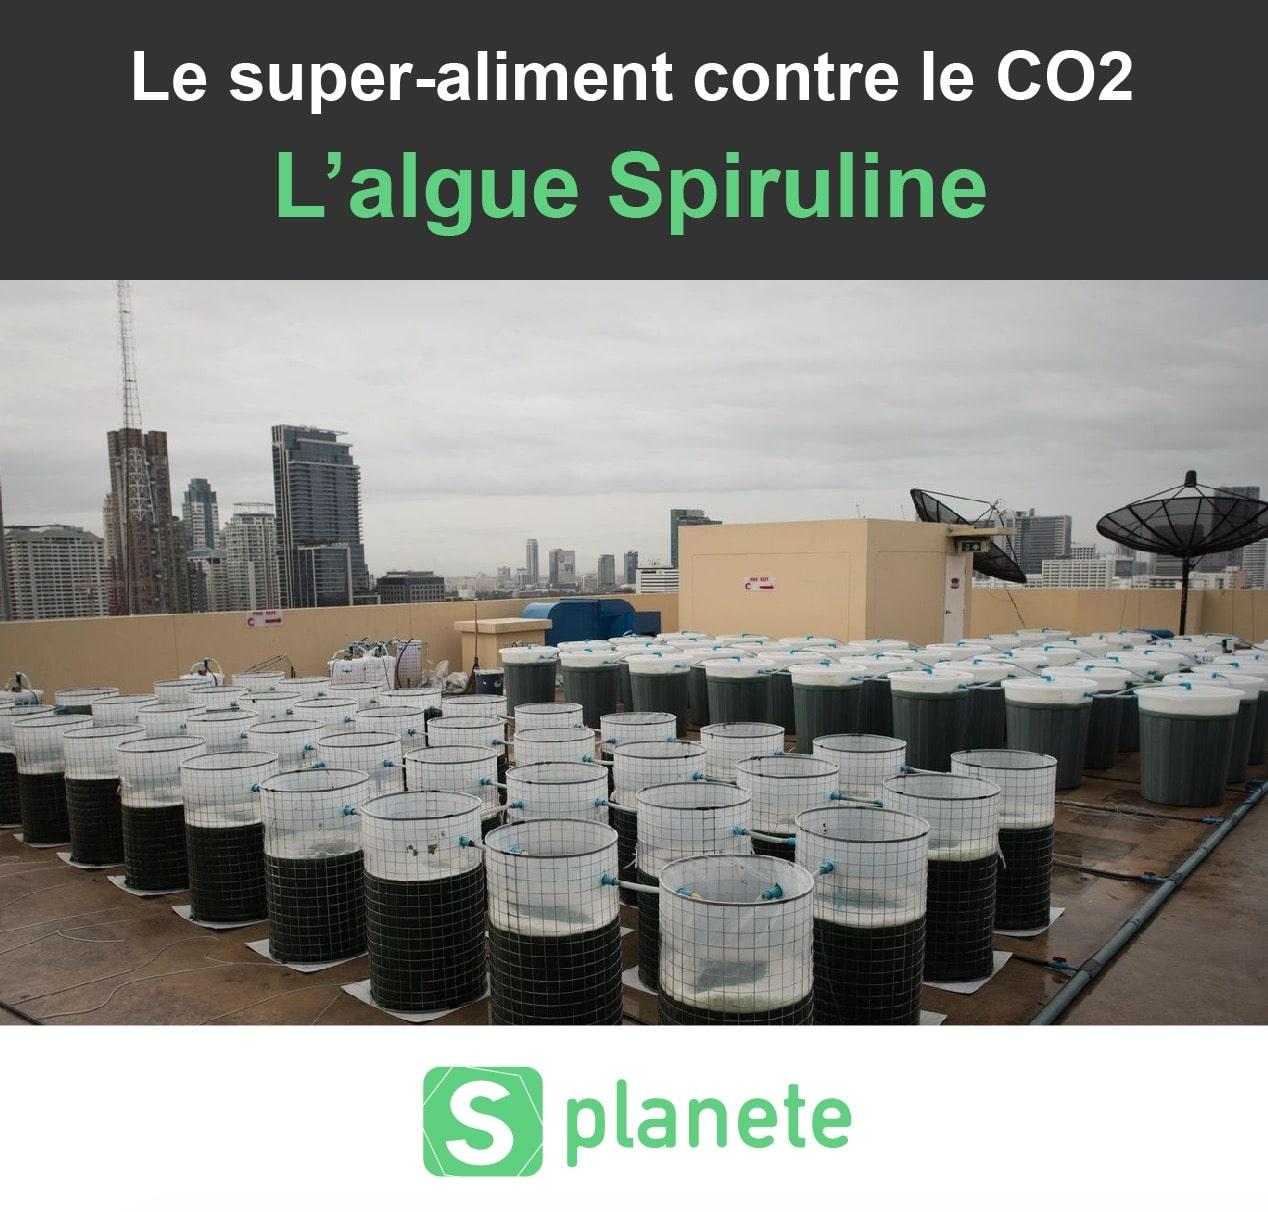 Algue Spiruline contre le CO2